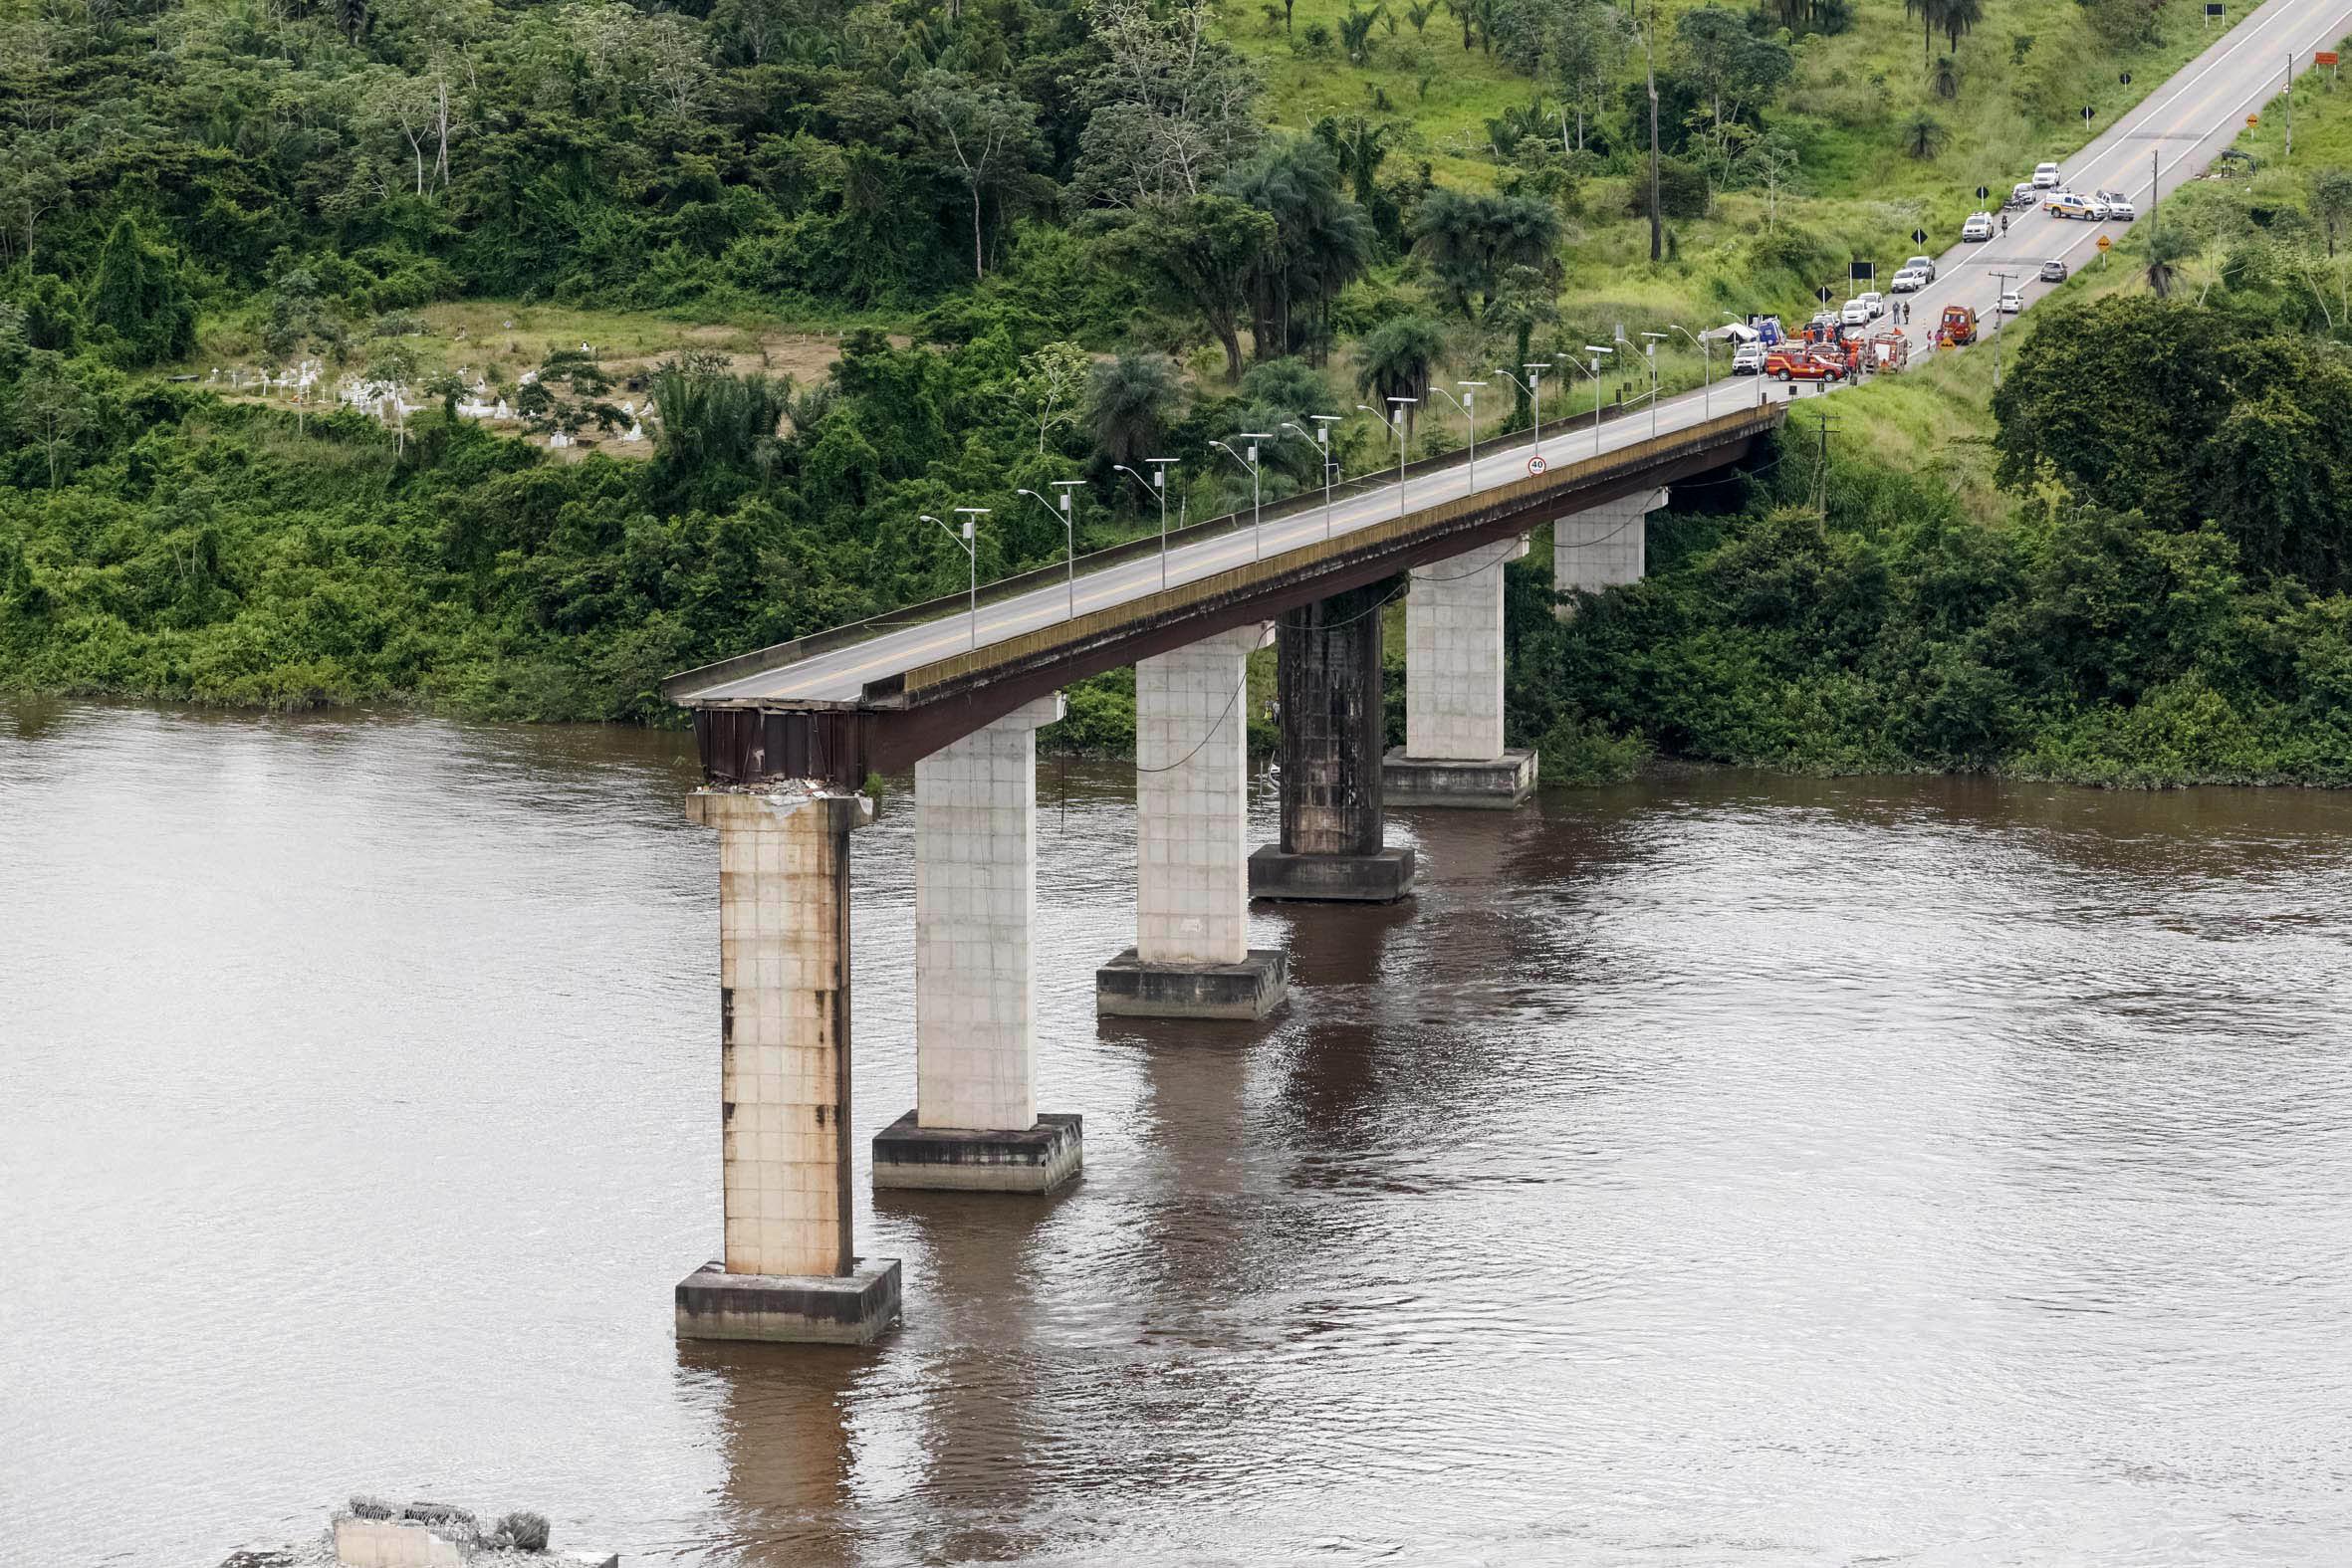 Κομμάτι της γέφυρας έχει καταρρεύσει